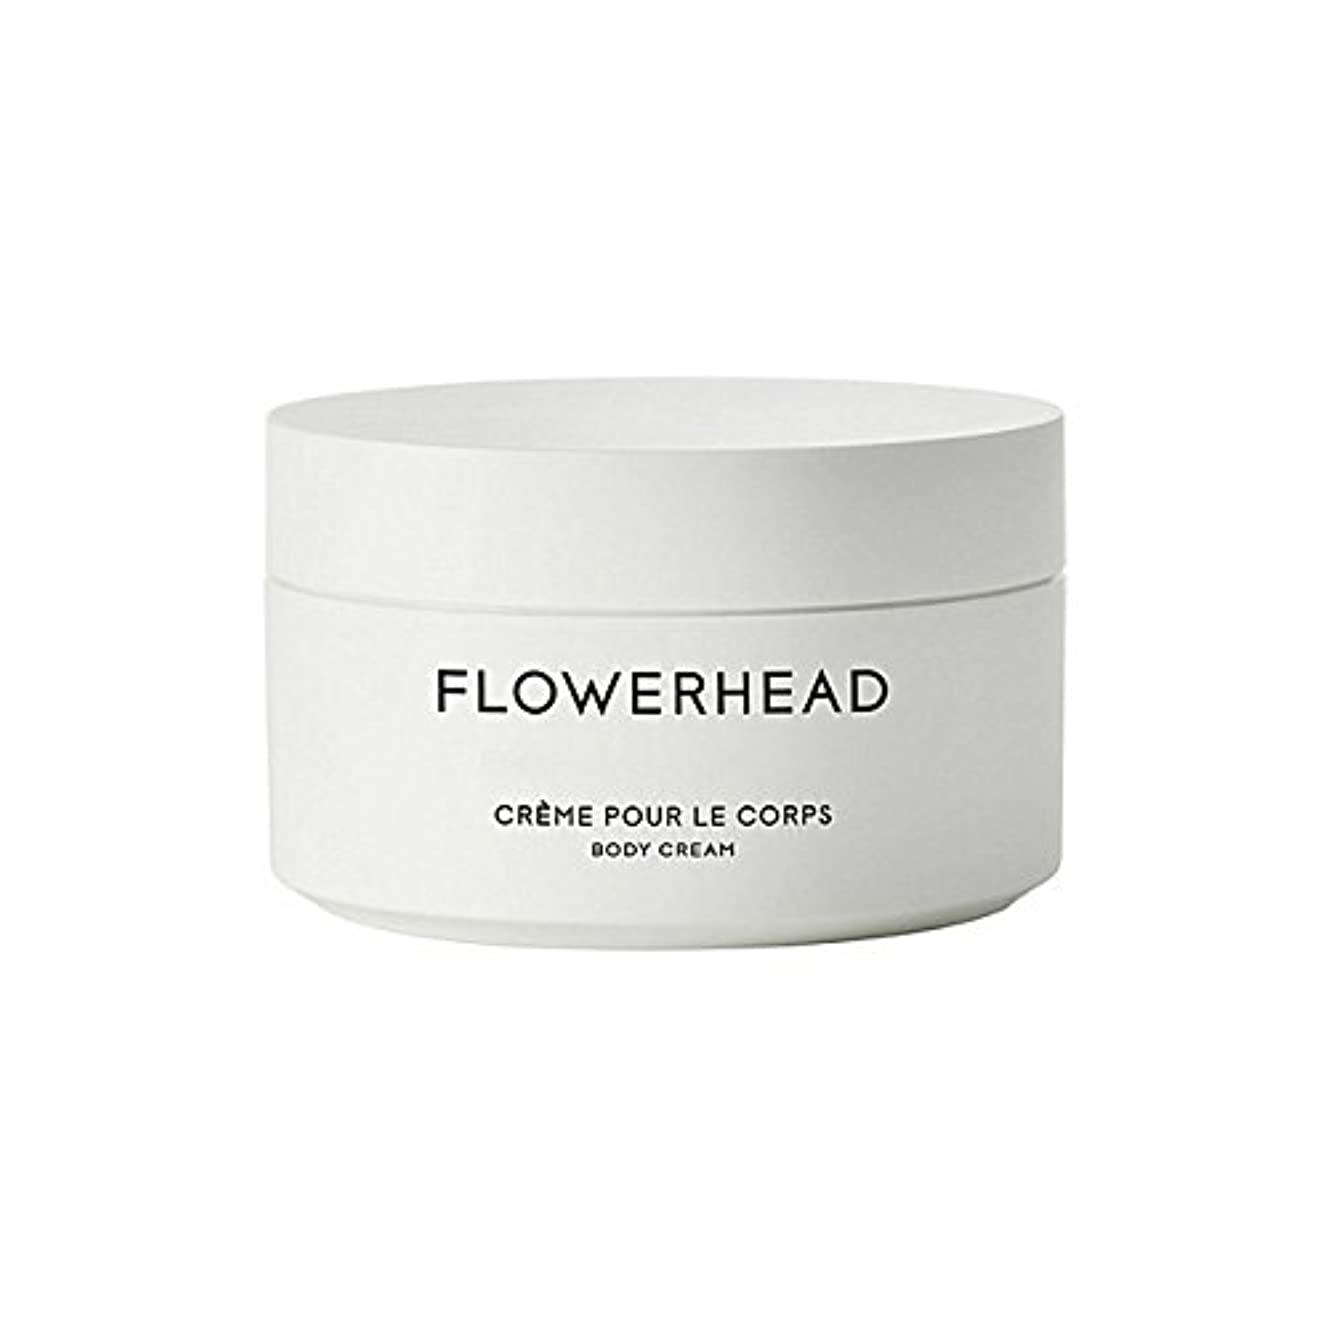 見せますうまれた画面ボディクリーム200ミリリットル x4 - Byredo Flowerhead Body Cream 200ml (Pack of 4) [並行輸入品]